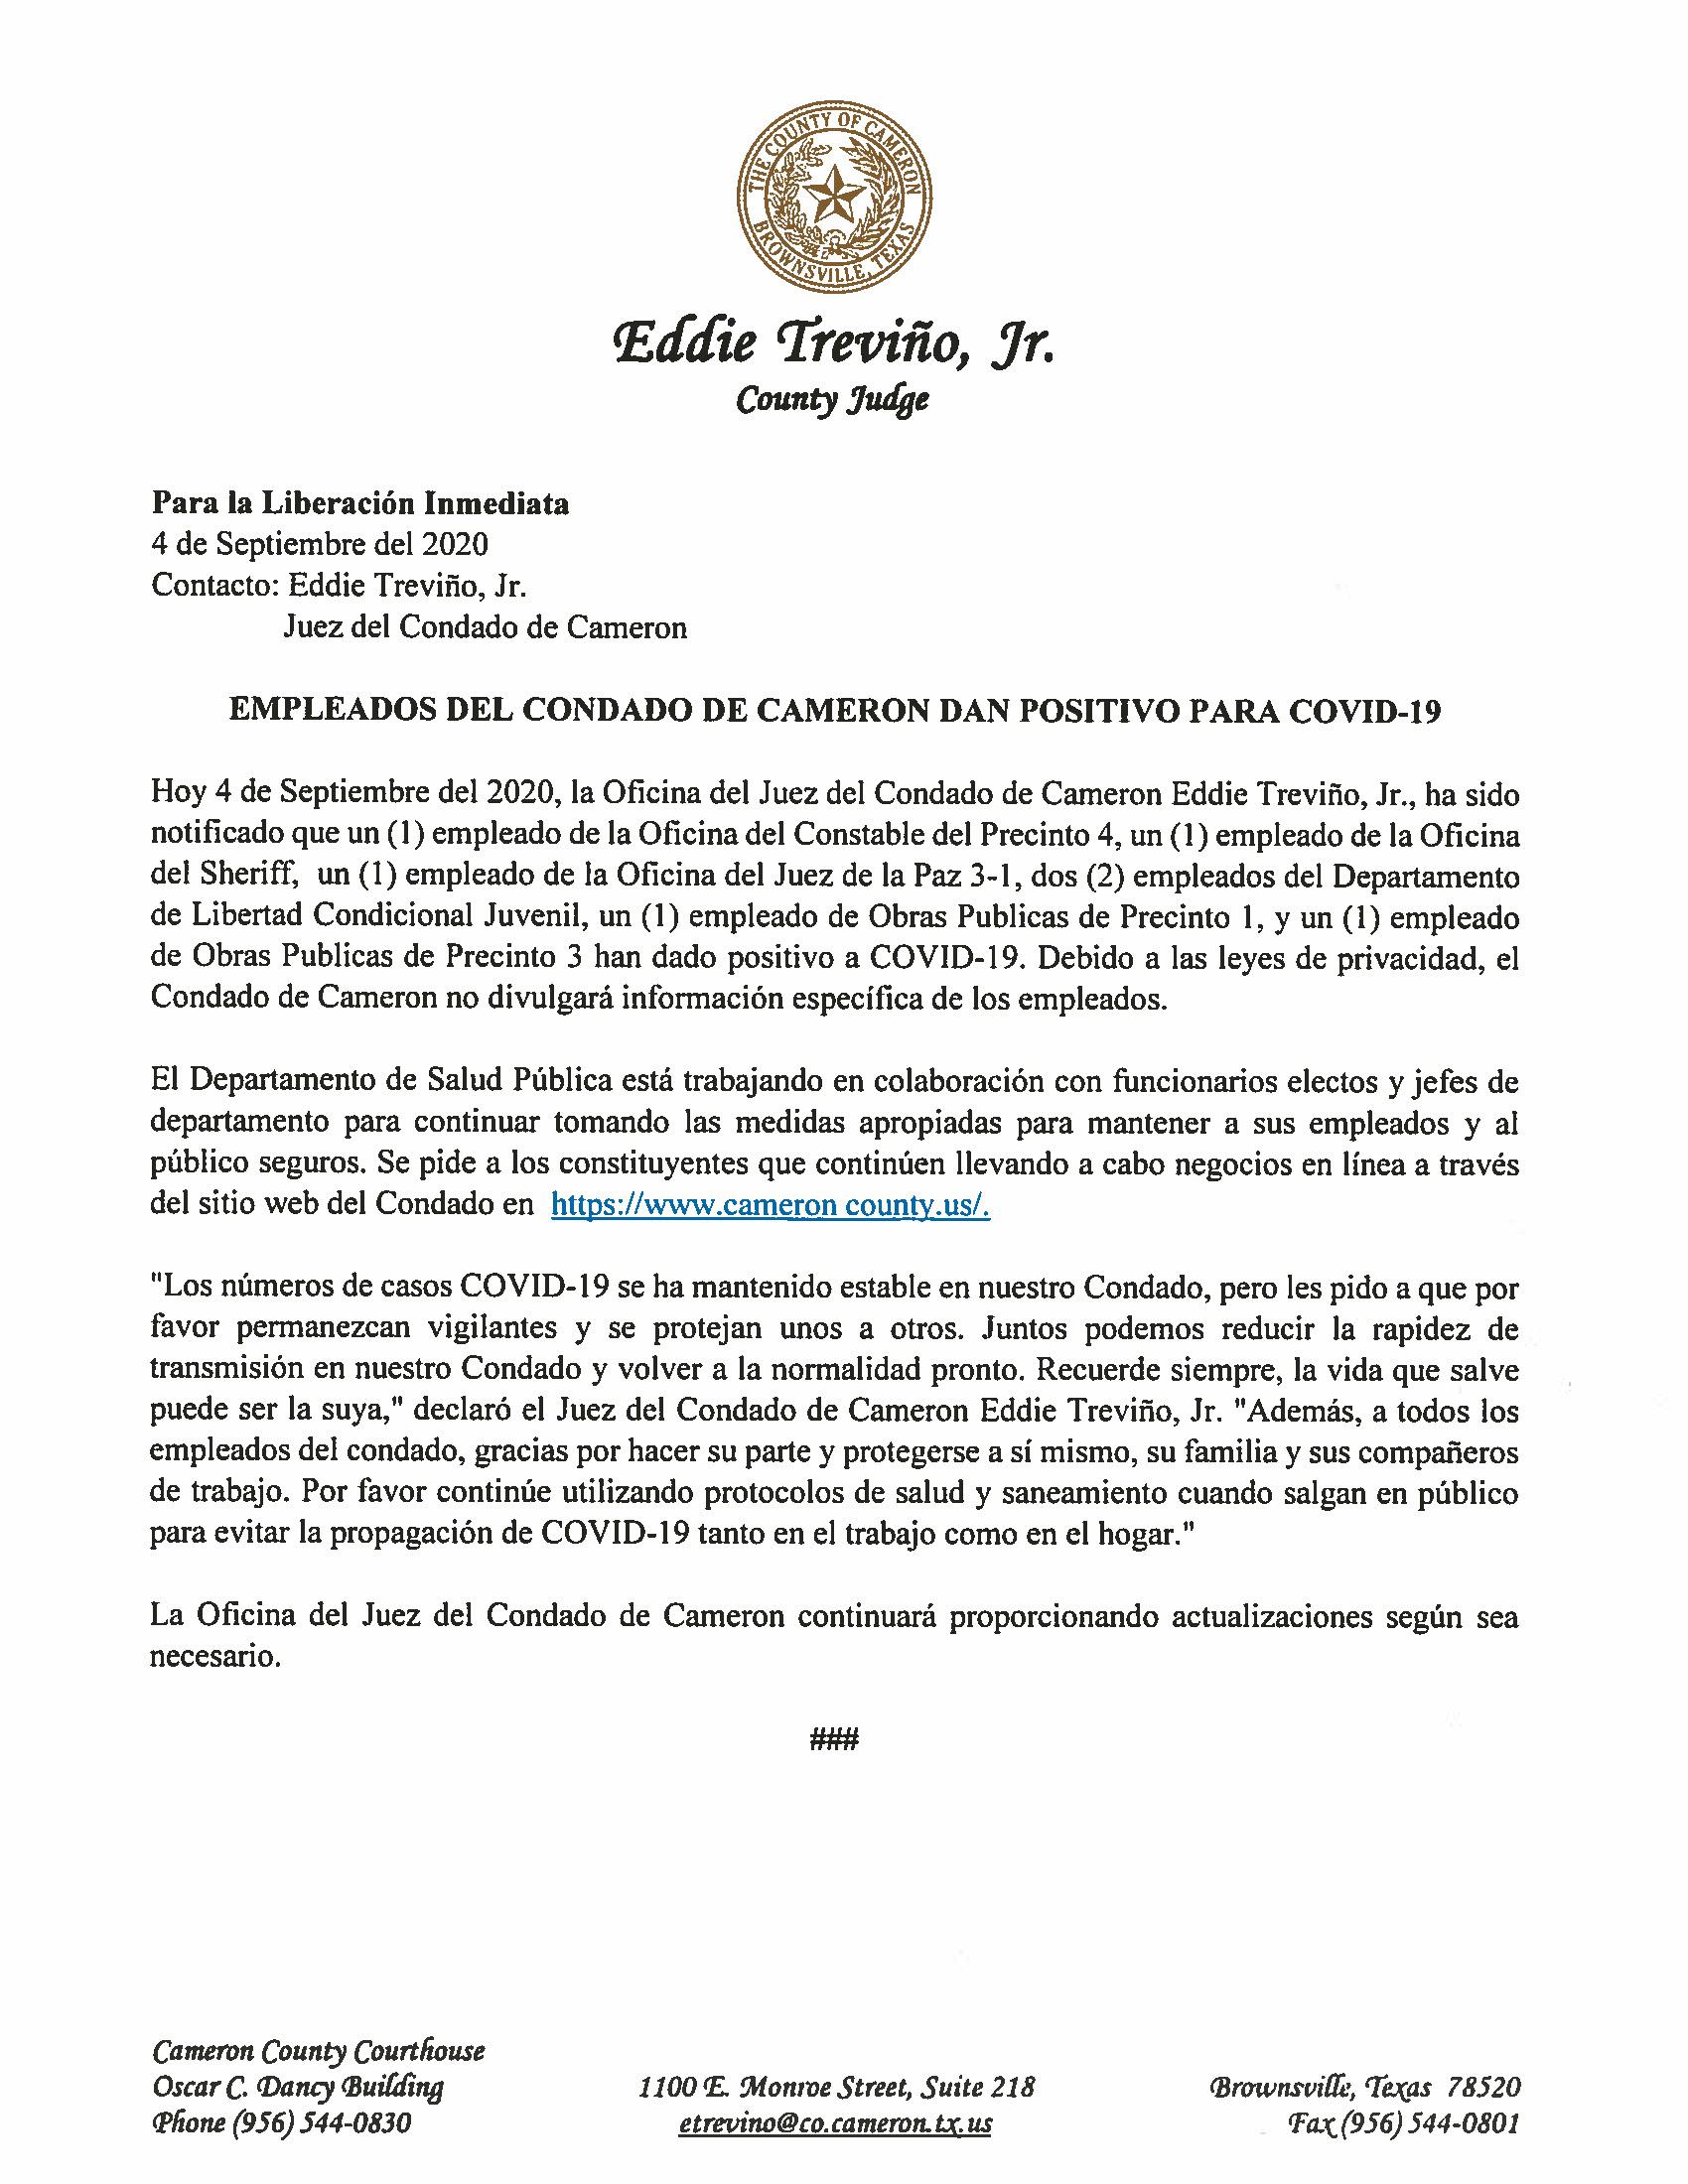 09.04.2020 Empleados Del Condado De Cameron Dan Positivo A COVID 19